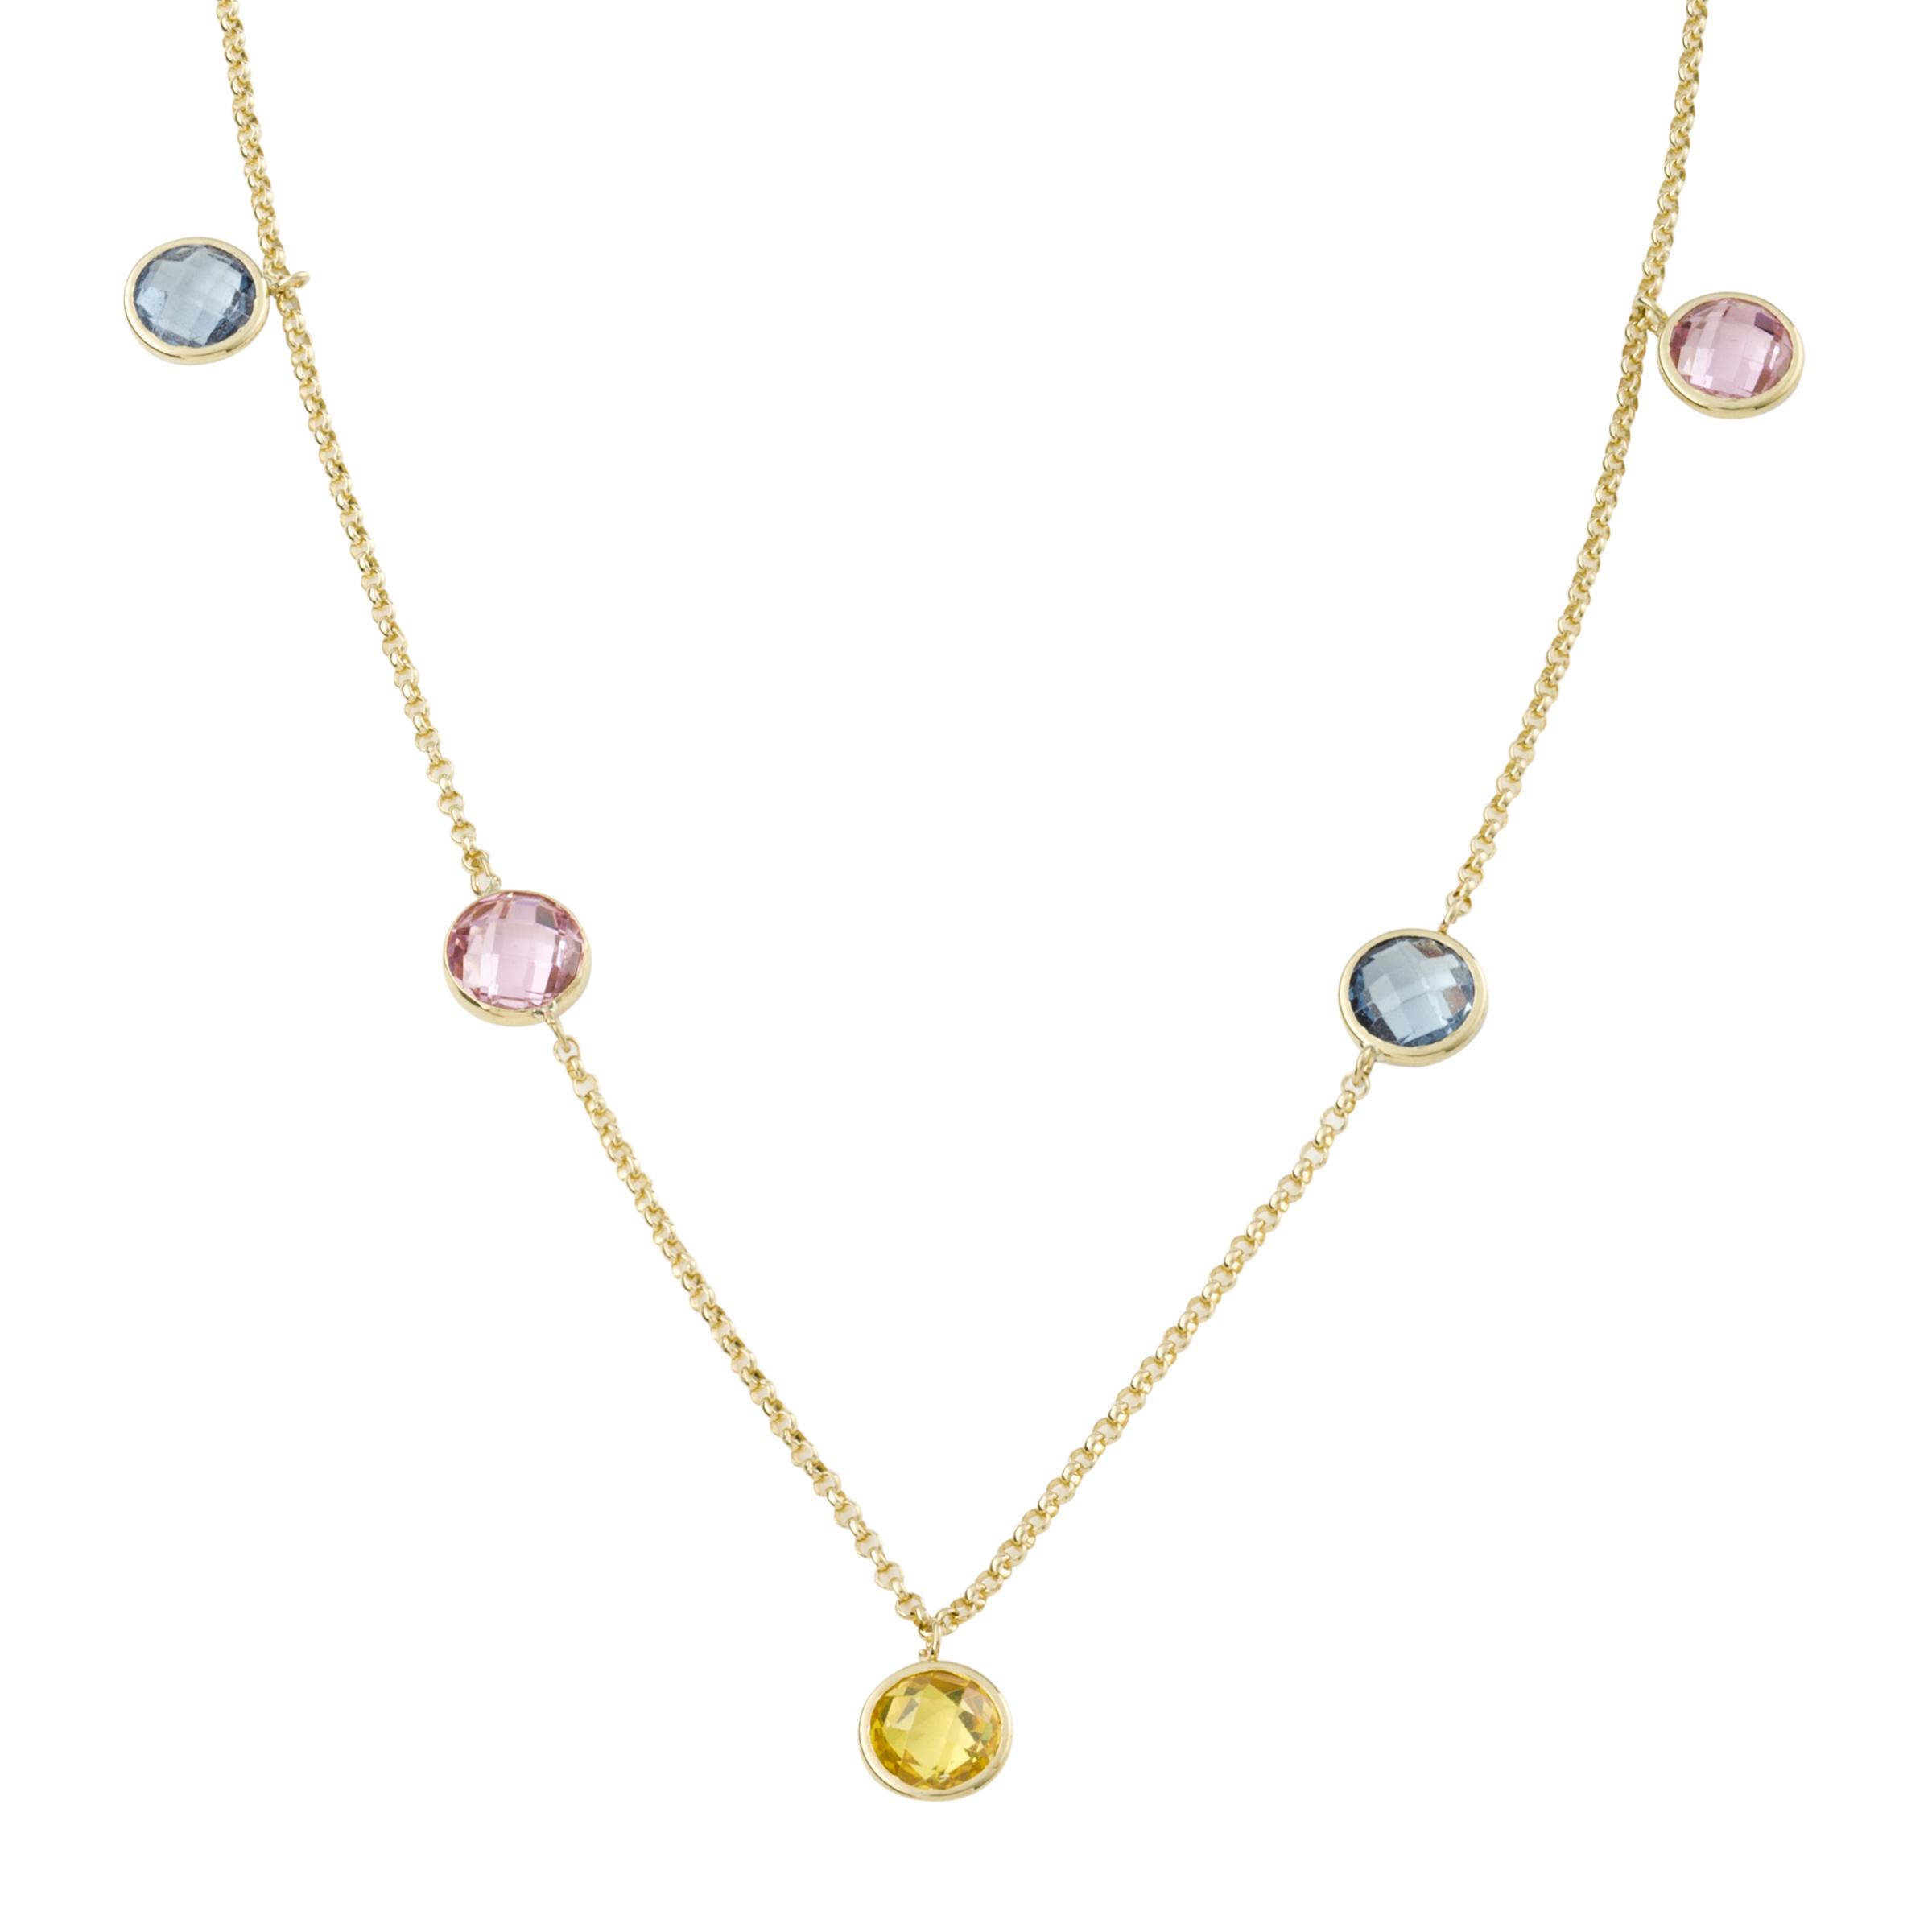 Collier für Damen, Gold 375, Zirkonia Fantasie